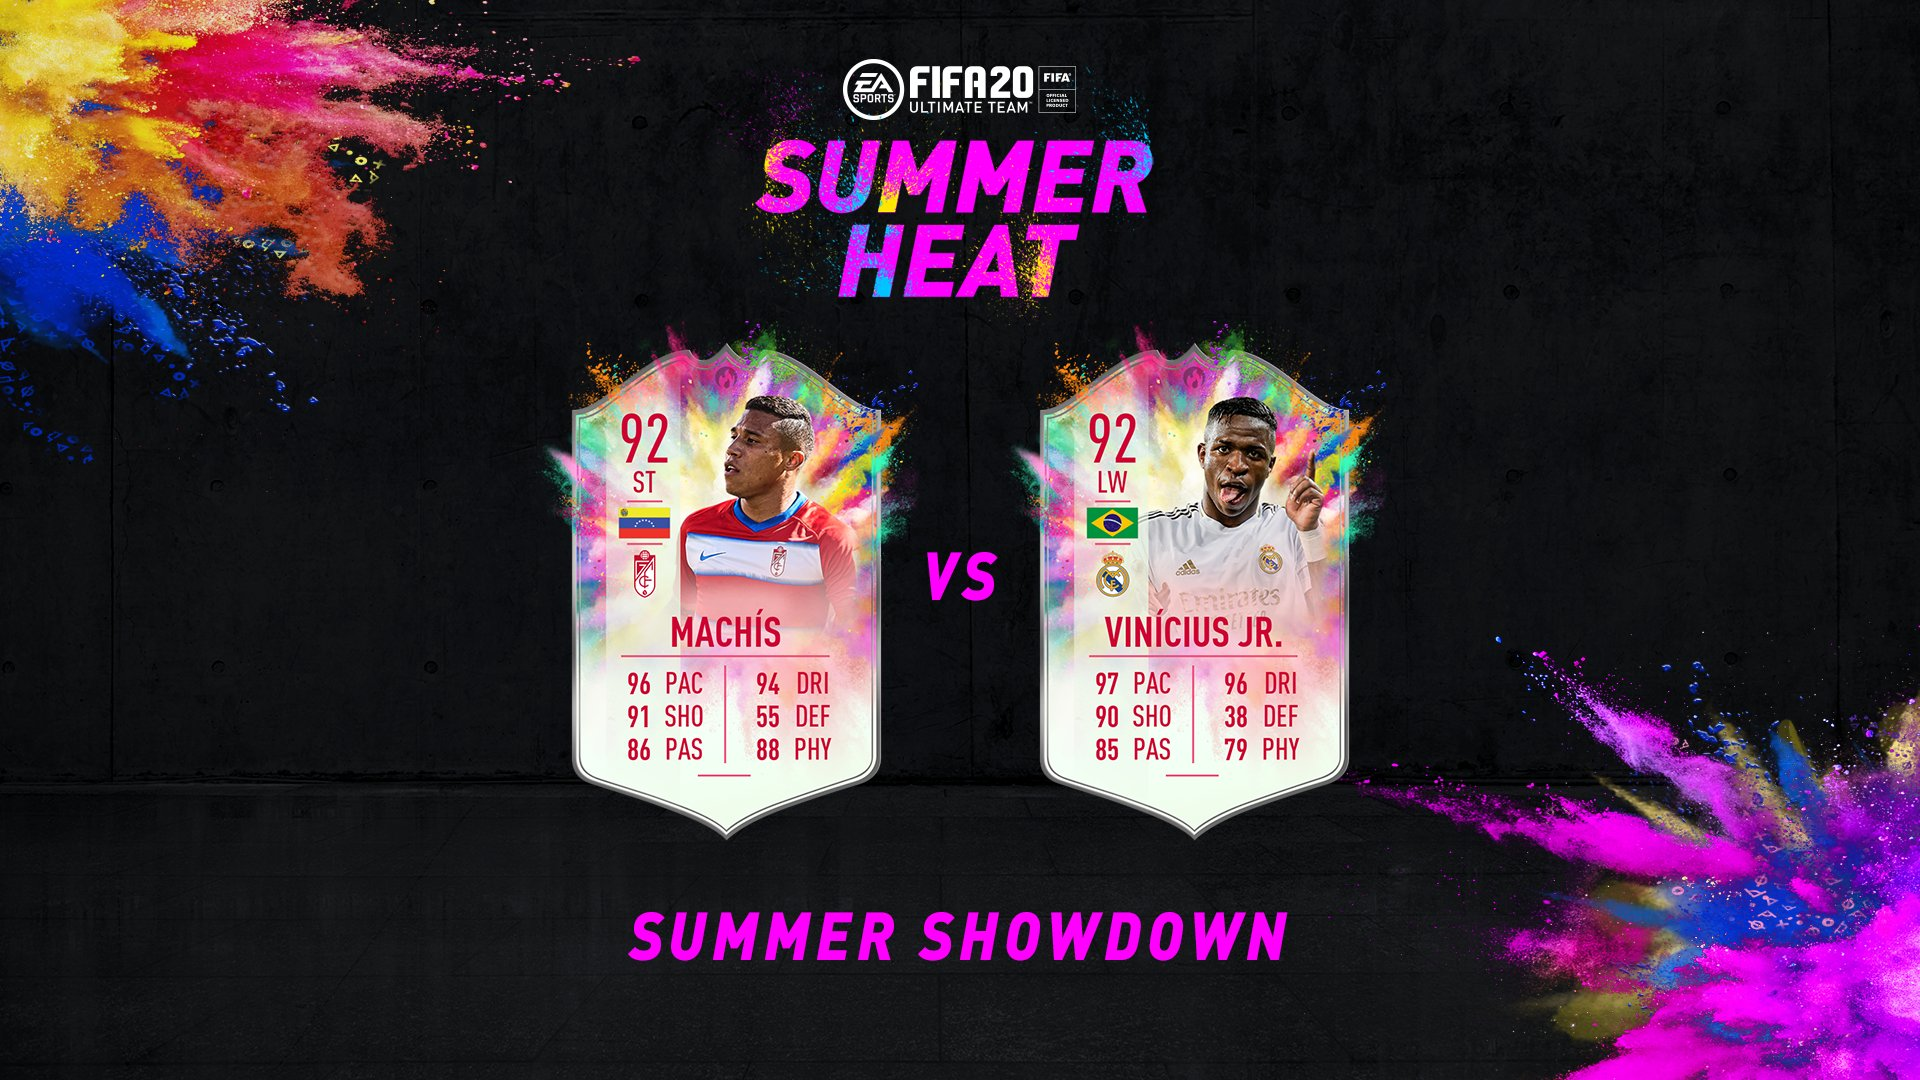 Vinicius Jr Machis Summer Heat Showdown